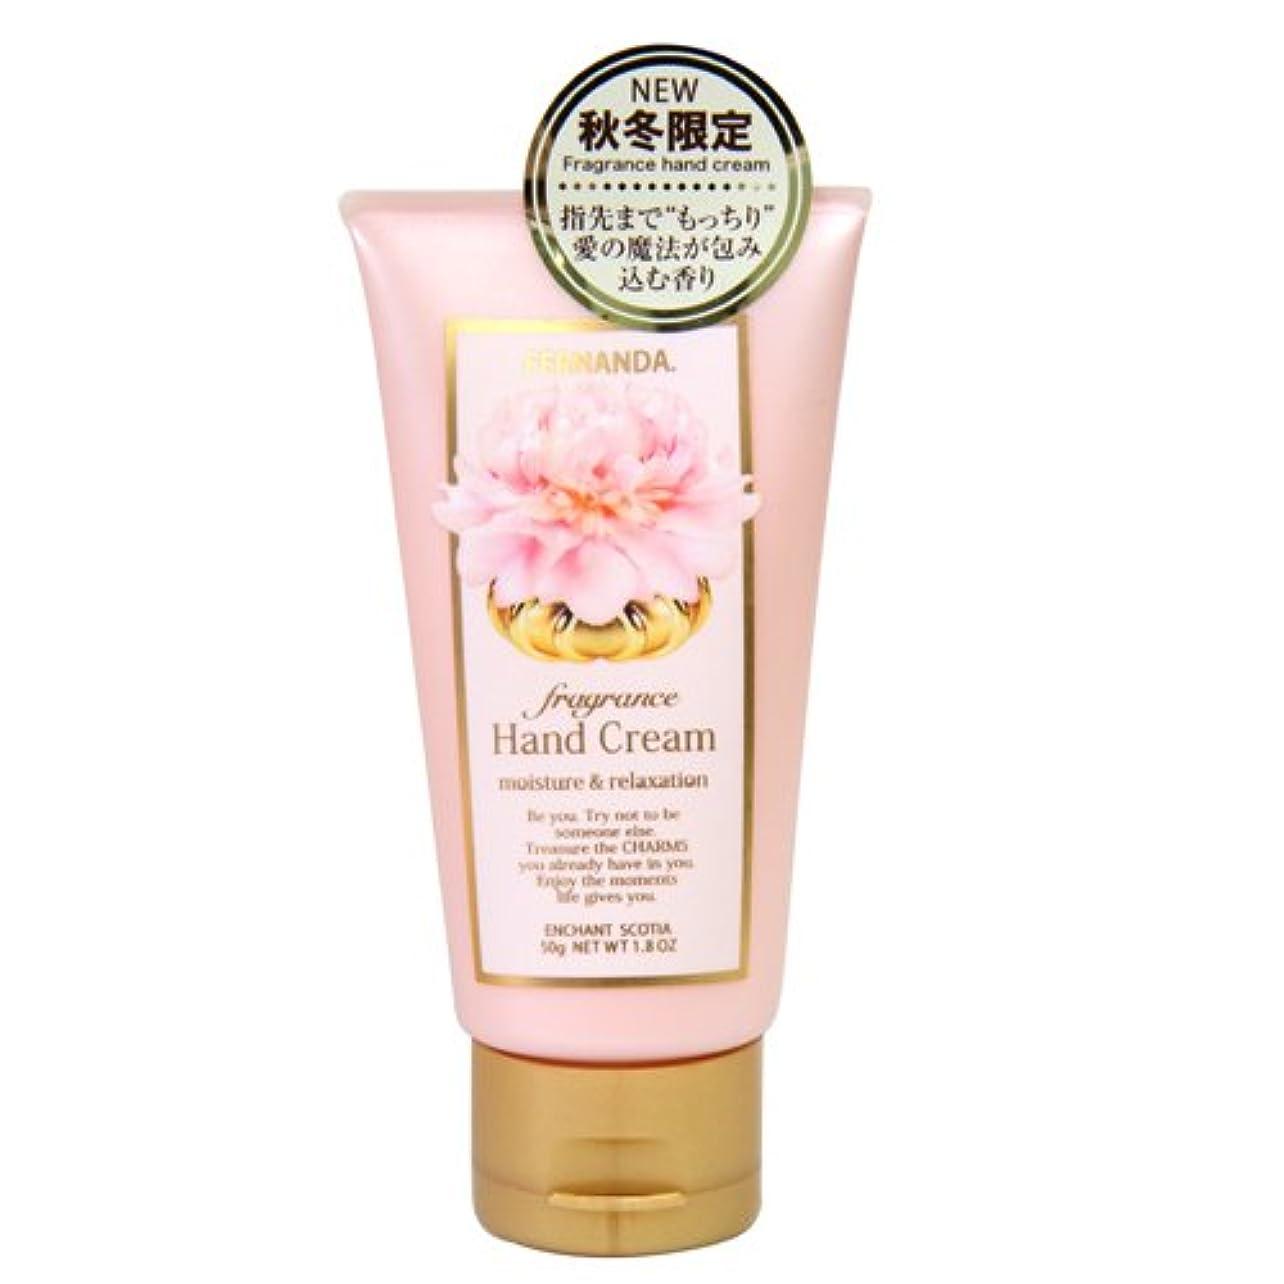 FERNANDA(フェルナンダ) Hand Cream Enchant Scotia (ハンドクリーム エンシャントスコティア)